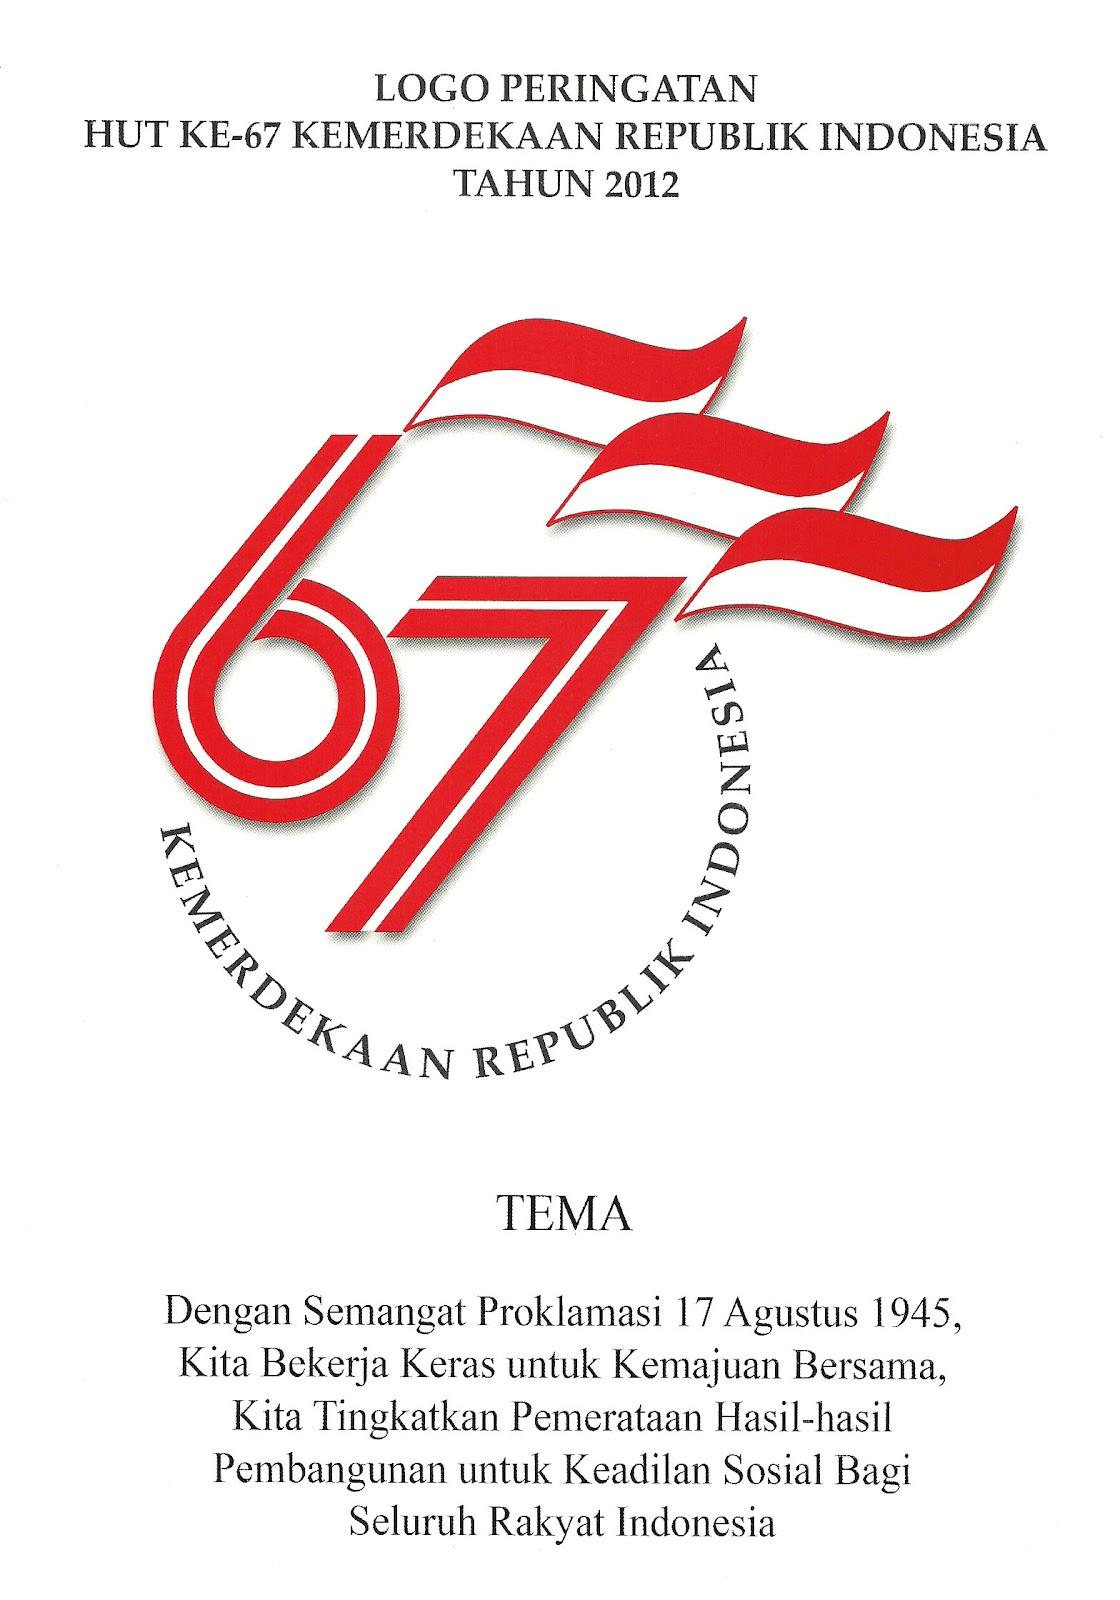 Dirgahayu Kemerdekaan RI Ke 67 Tahun 2012